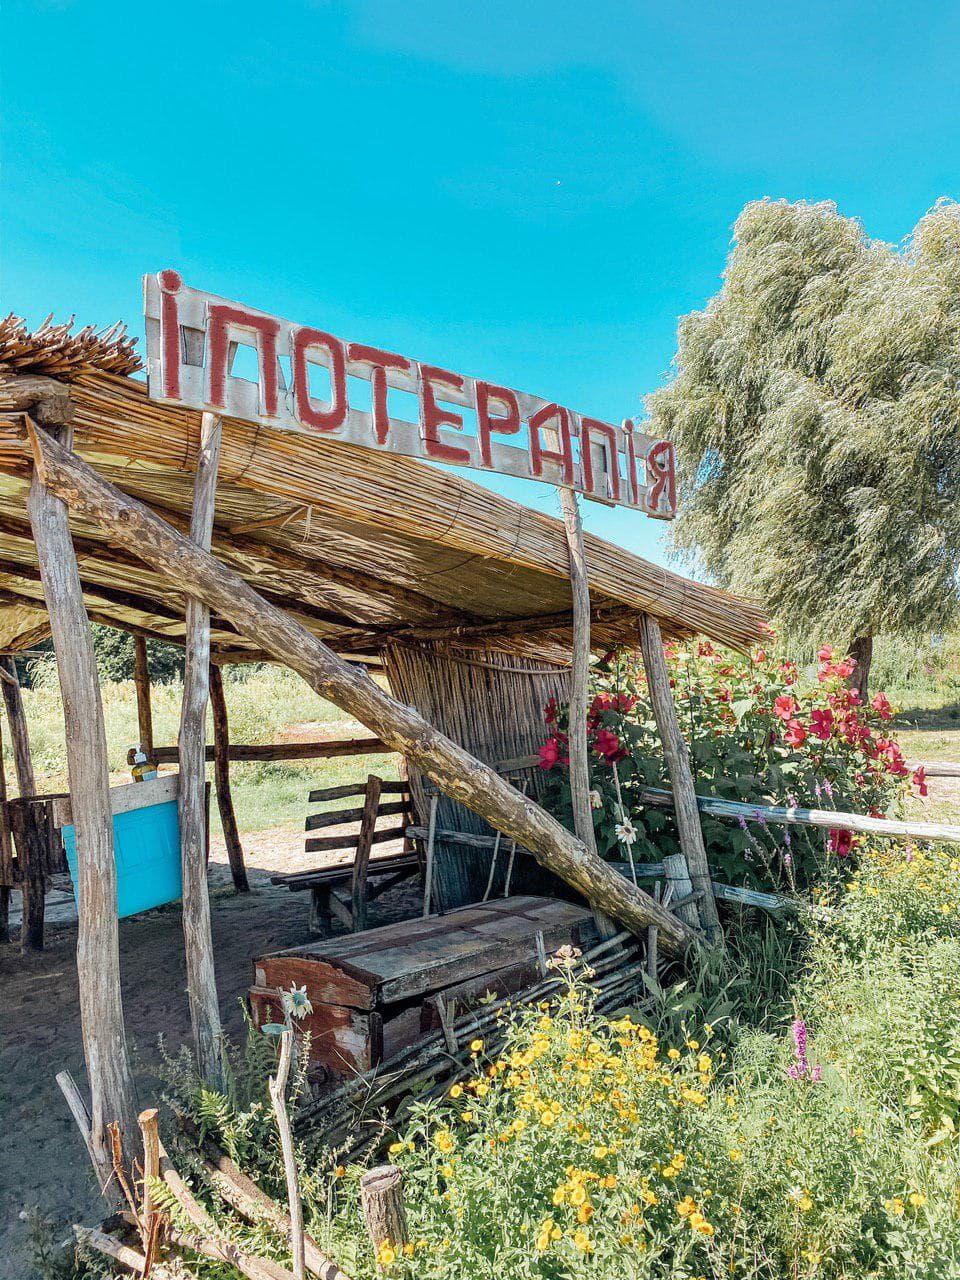 ипотерапия в зеленых хуторах таврии.